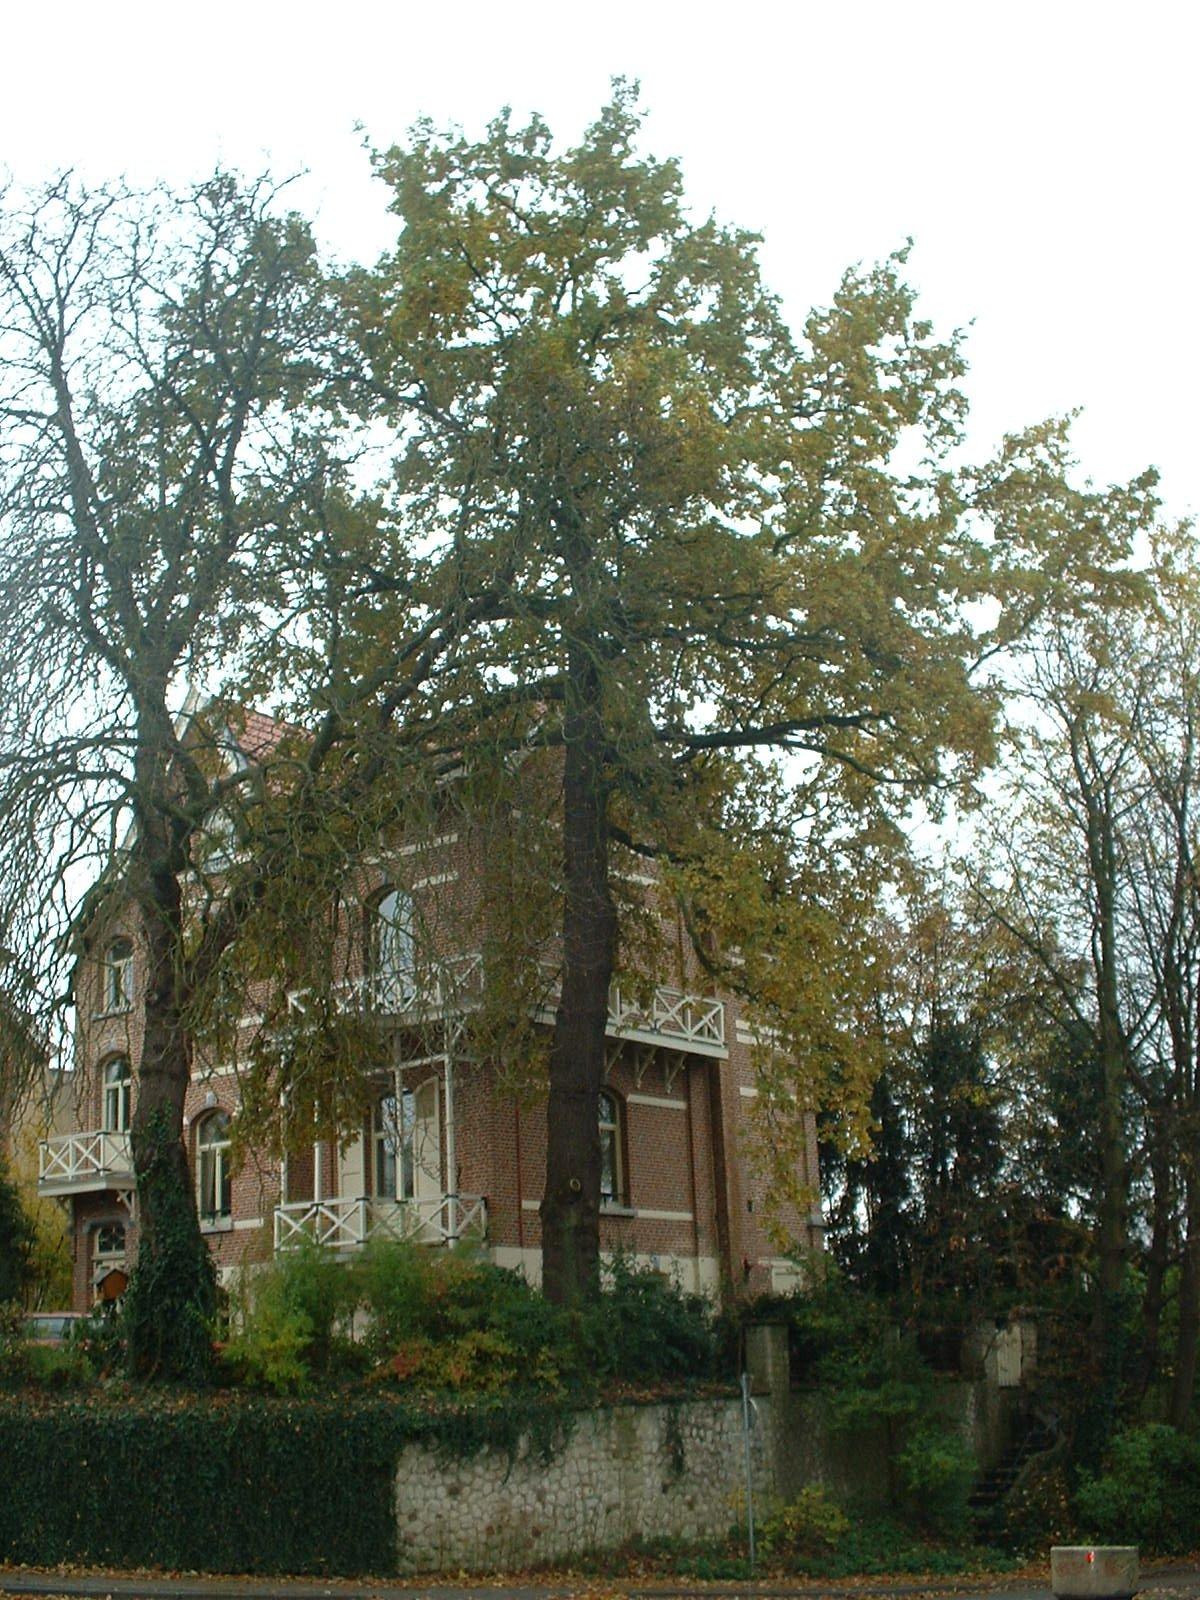 Chêne pédonculé – Watermael-Boitsfort, Avenue Emile Van Becelaere, 96 –  04 Novembre 2003